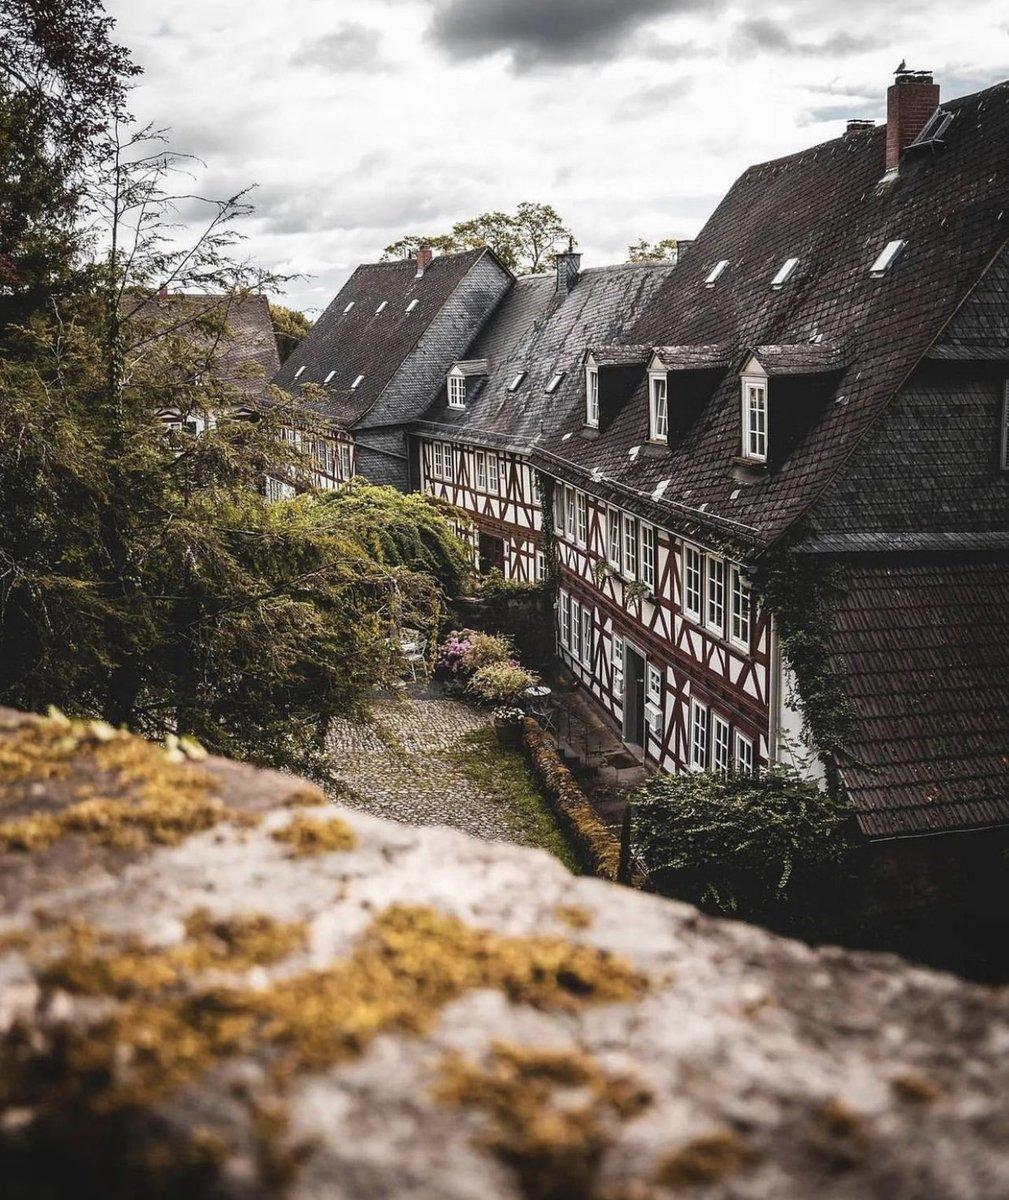 Braunfels, Germany 🇩🇪